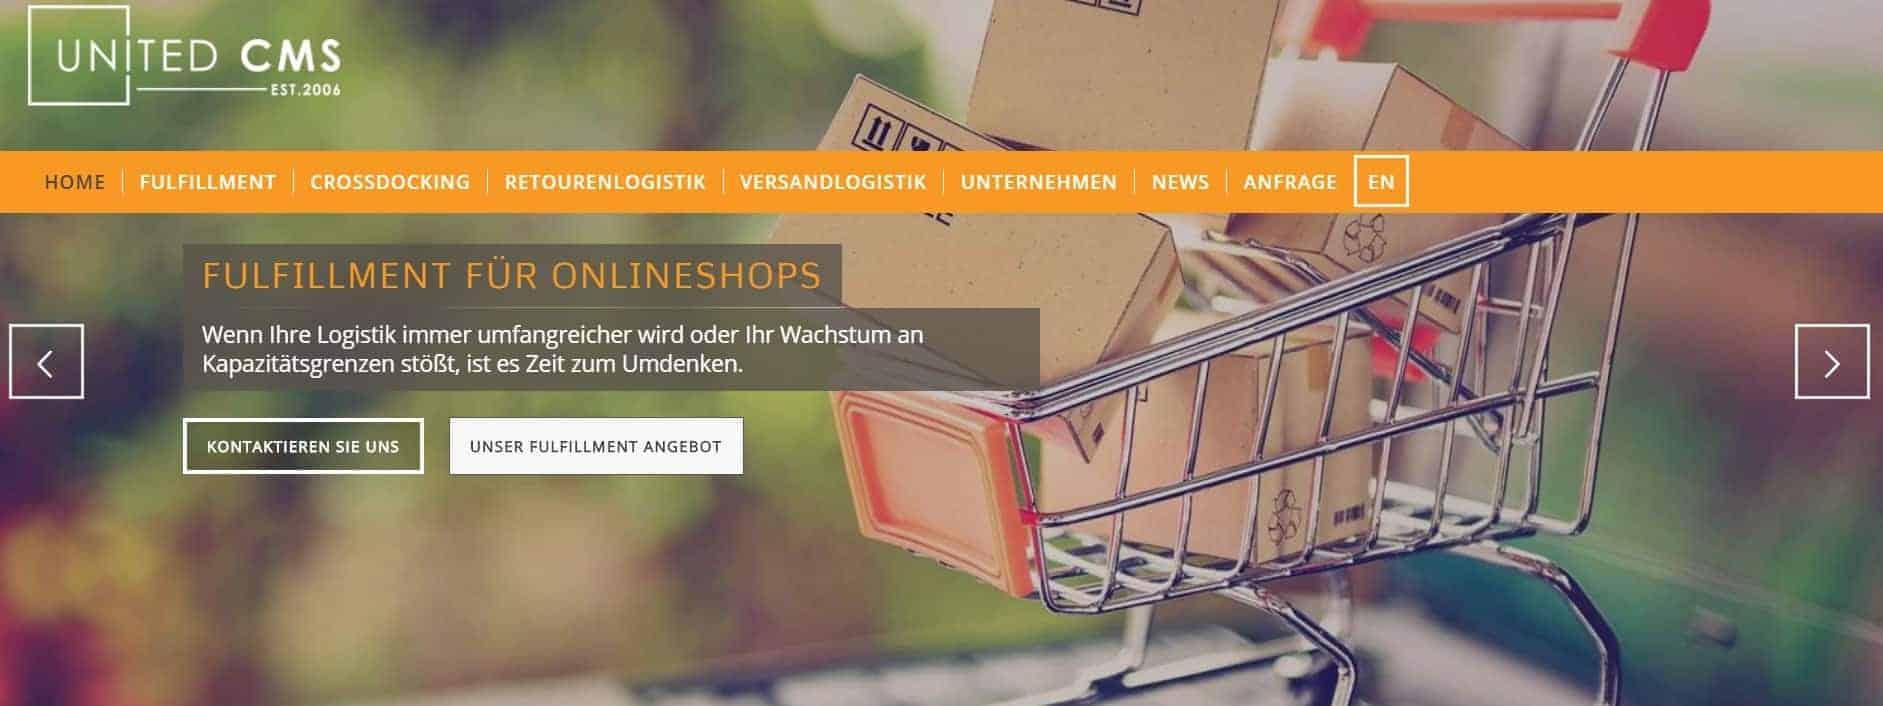 WordPress Slider Beispiel United-CMS